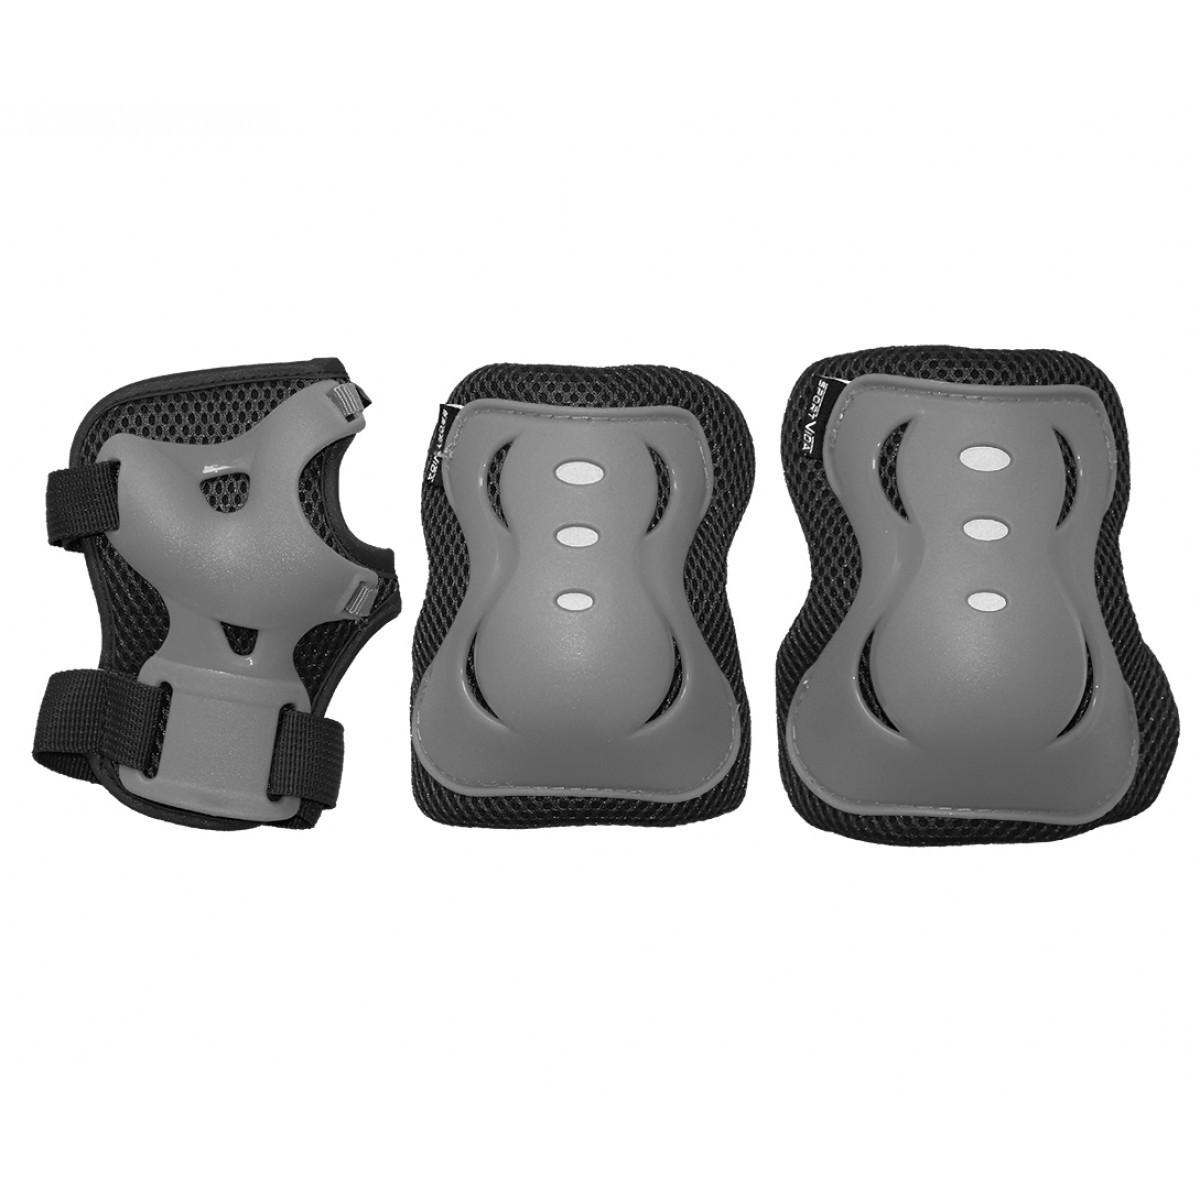 Защита детская для роликов, скейта, велосипеда, самоката SportVida SV-KY0007-M размер M Grey/Black